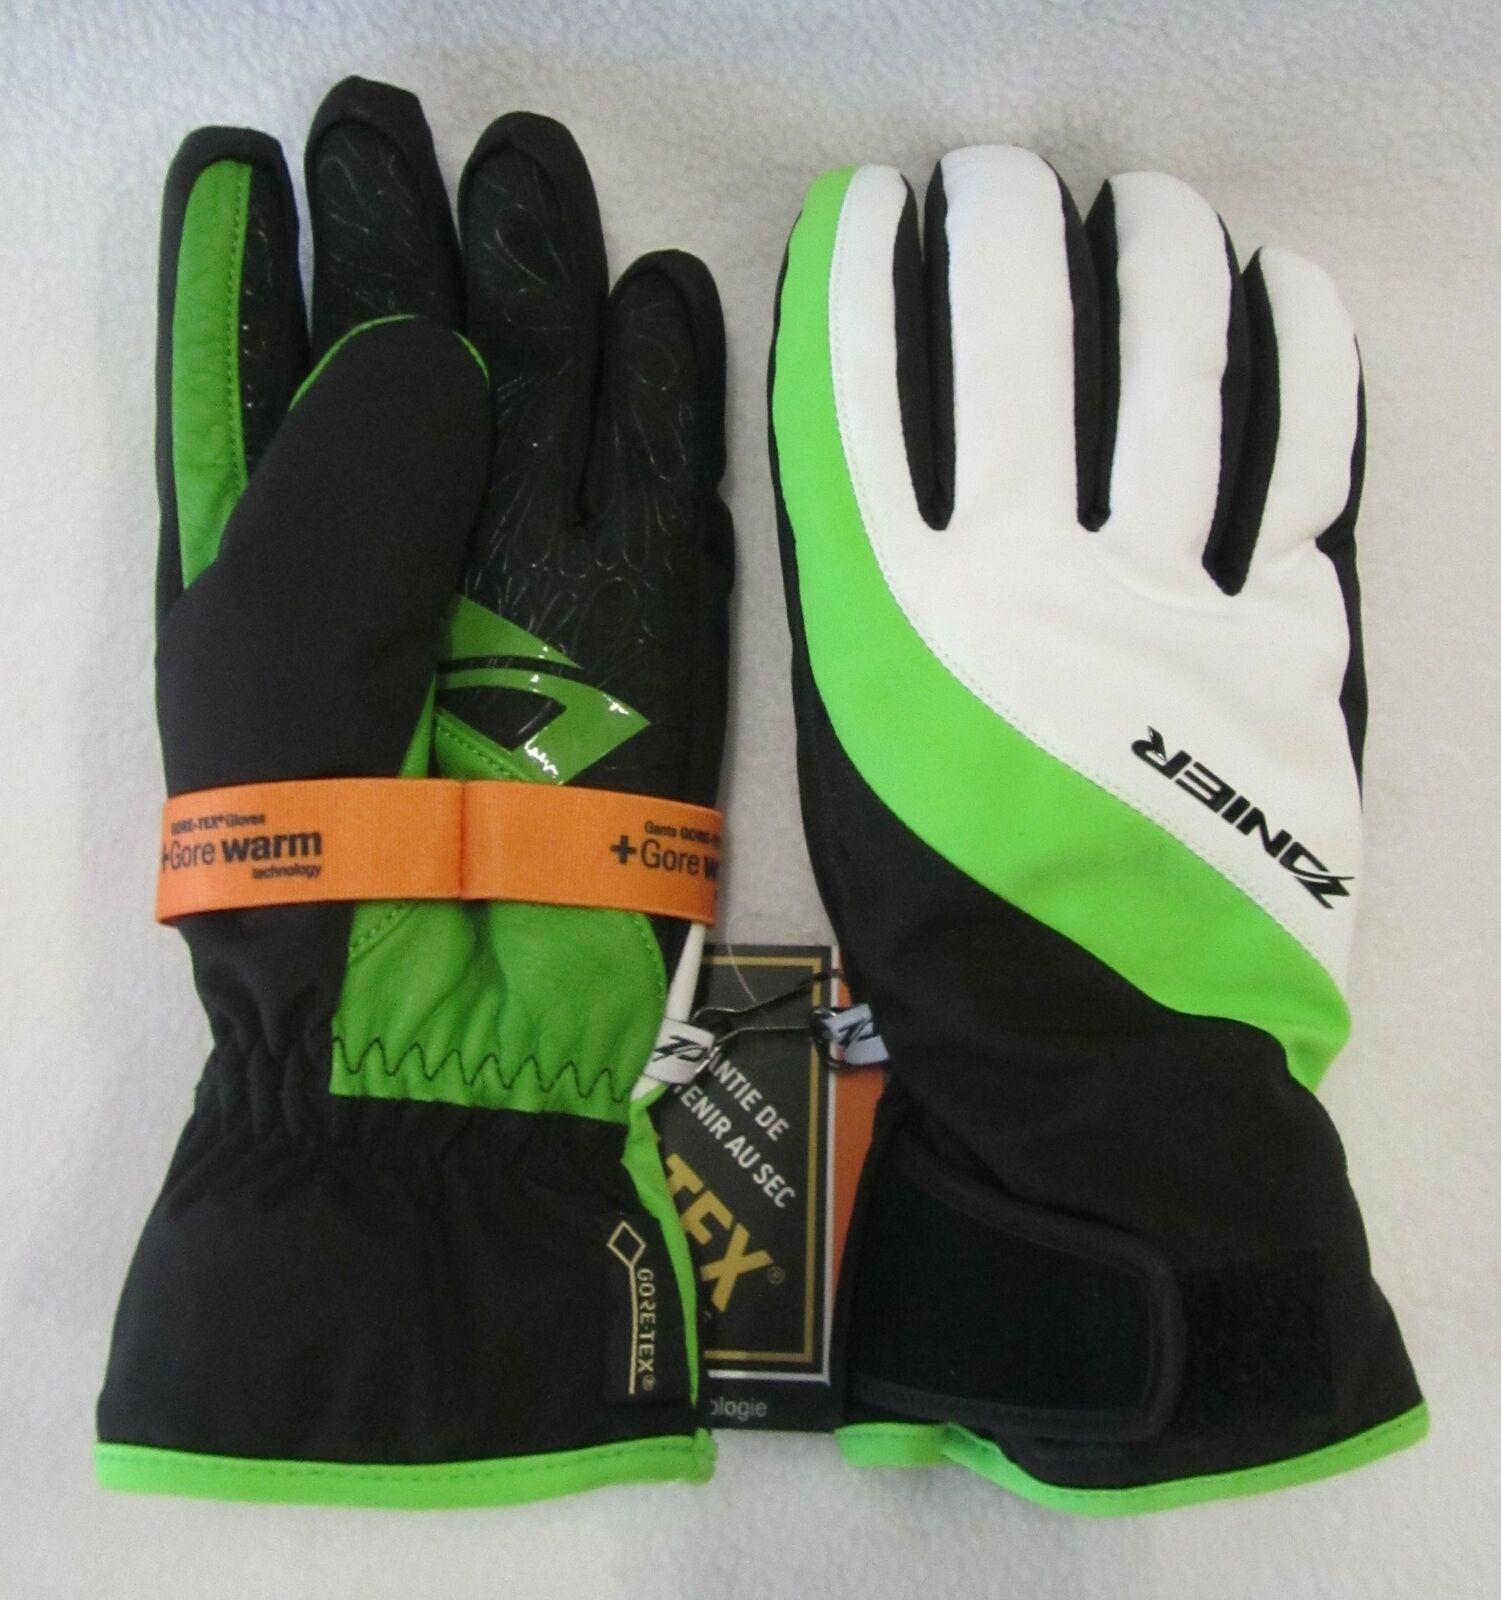 Wohombres Zanier   Lienz Goretex  Guantes de Esquí SnowTablero (Negro blancoo verde) Medio 7  precios ultra bajos